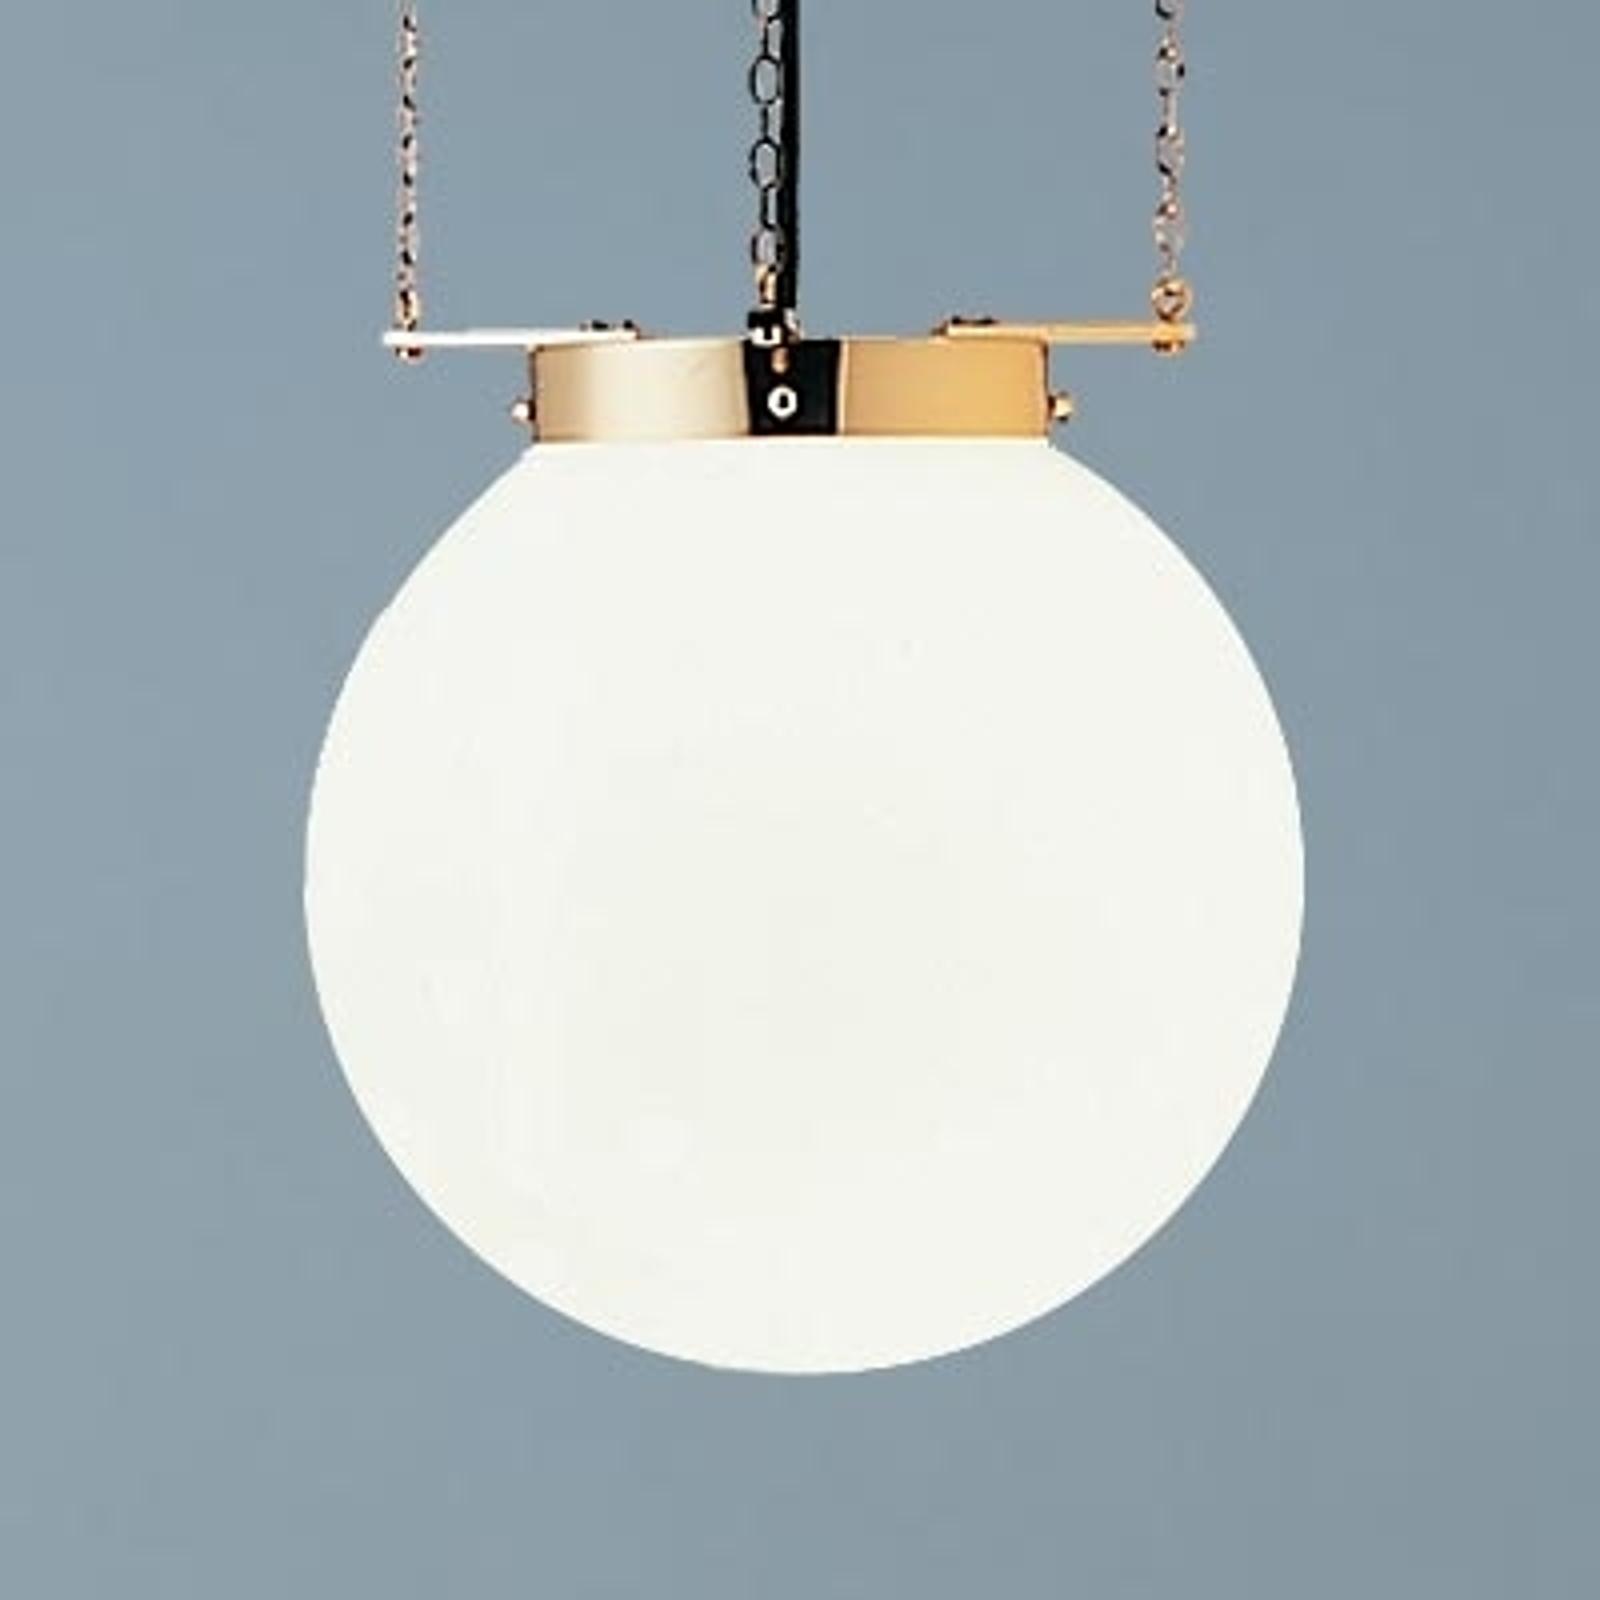 Lampa wisząca w stylu Bauhaus mosiądz 30 cm